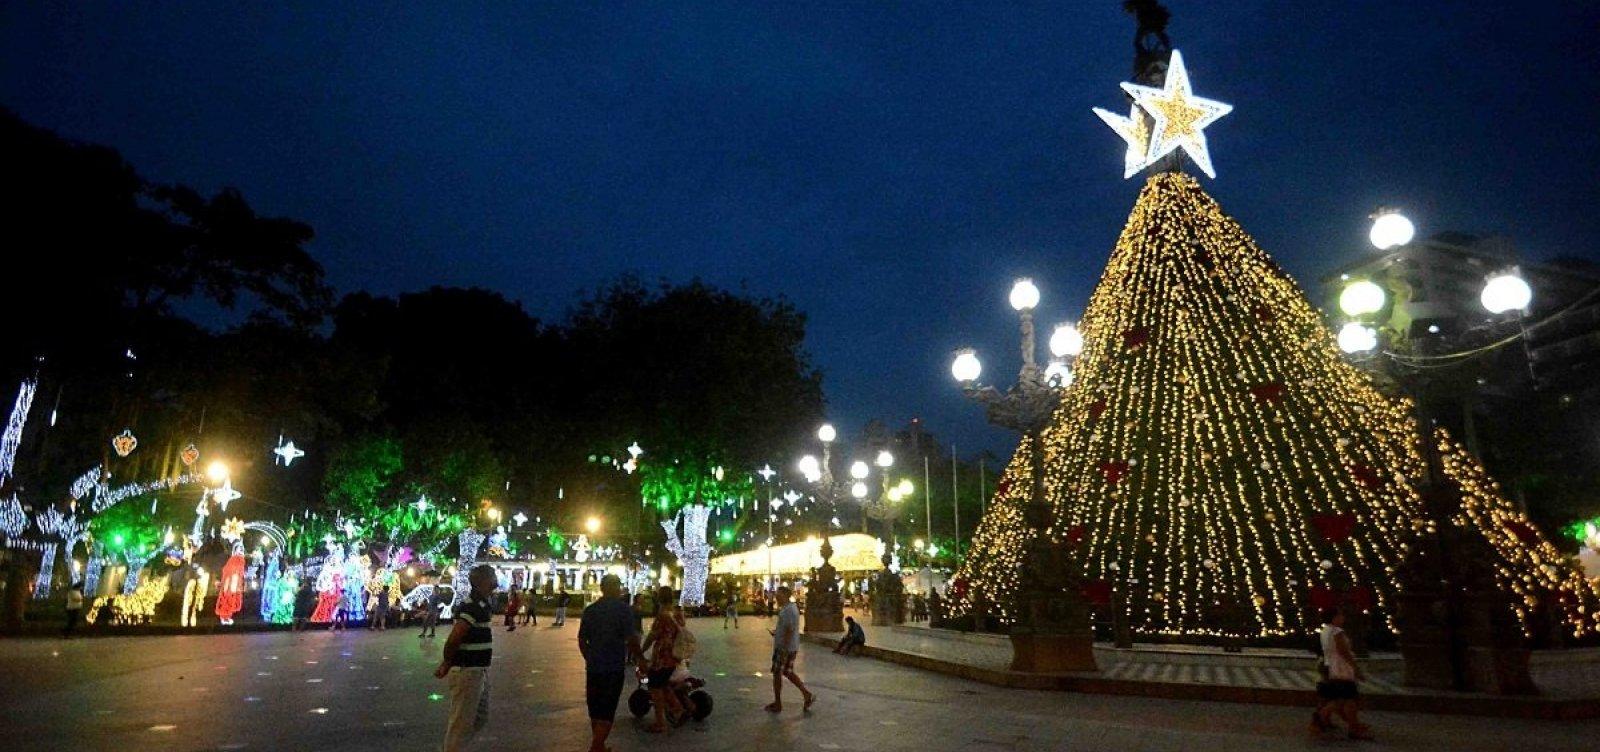 [Iluminação natalina no Campo Grande terá perímetro de segurança no trânsito a partir de amanhã]